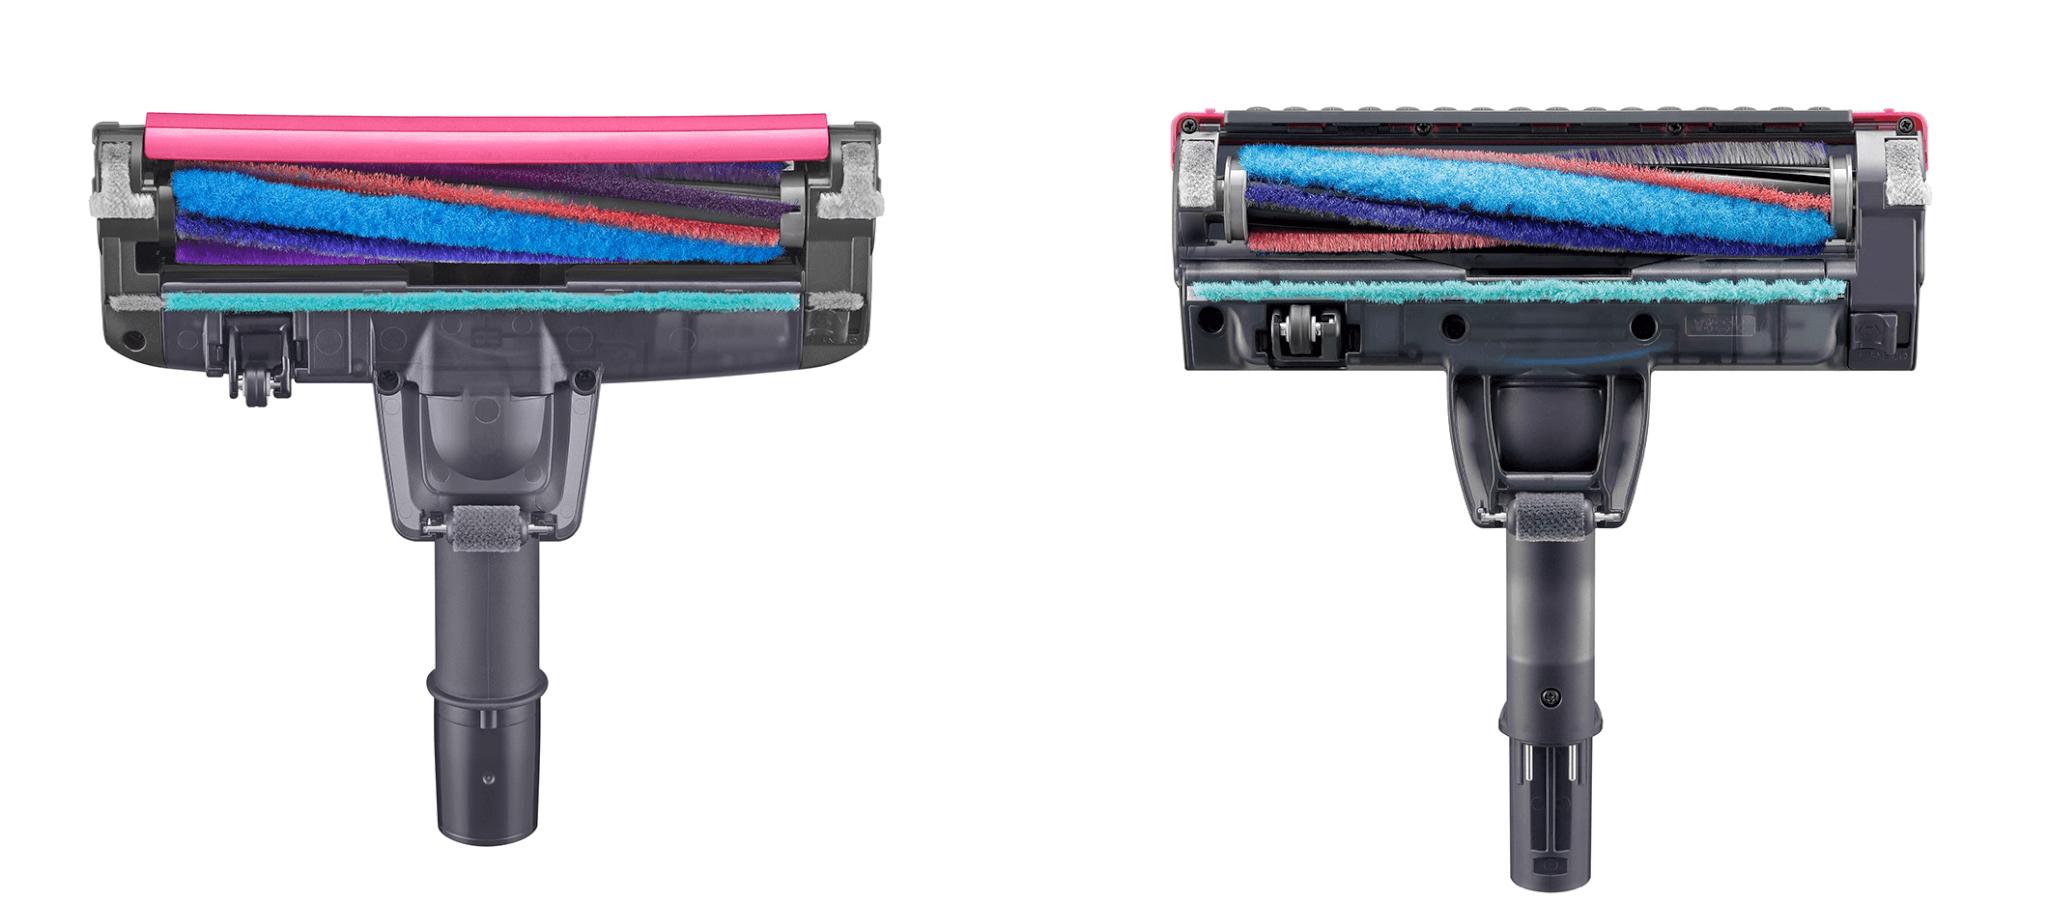 シャープのコードレススティック掃除機を5つの選び方で比較 2. モーターヘッドを比較